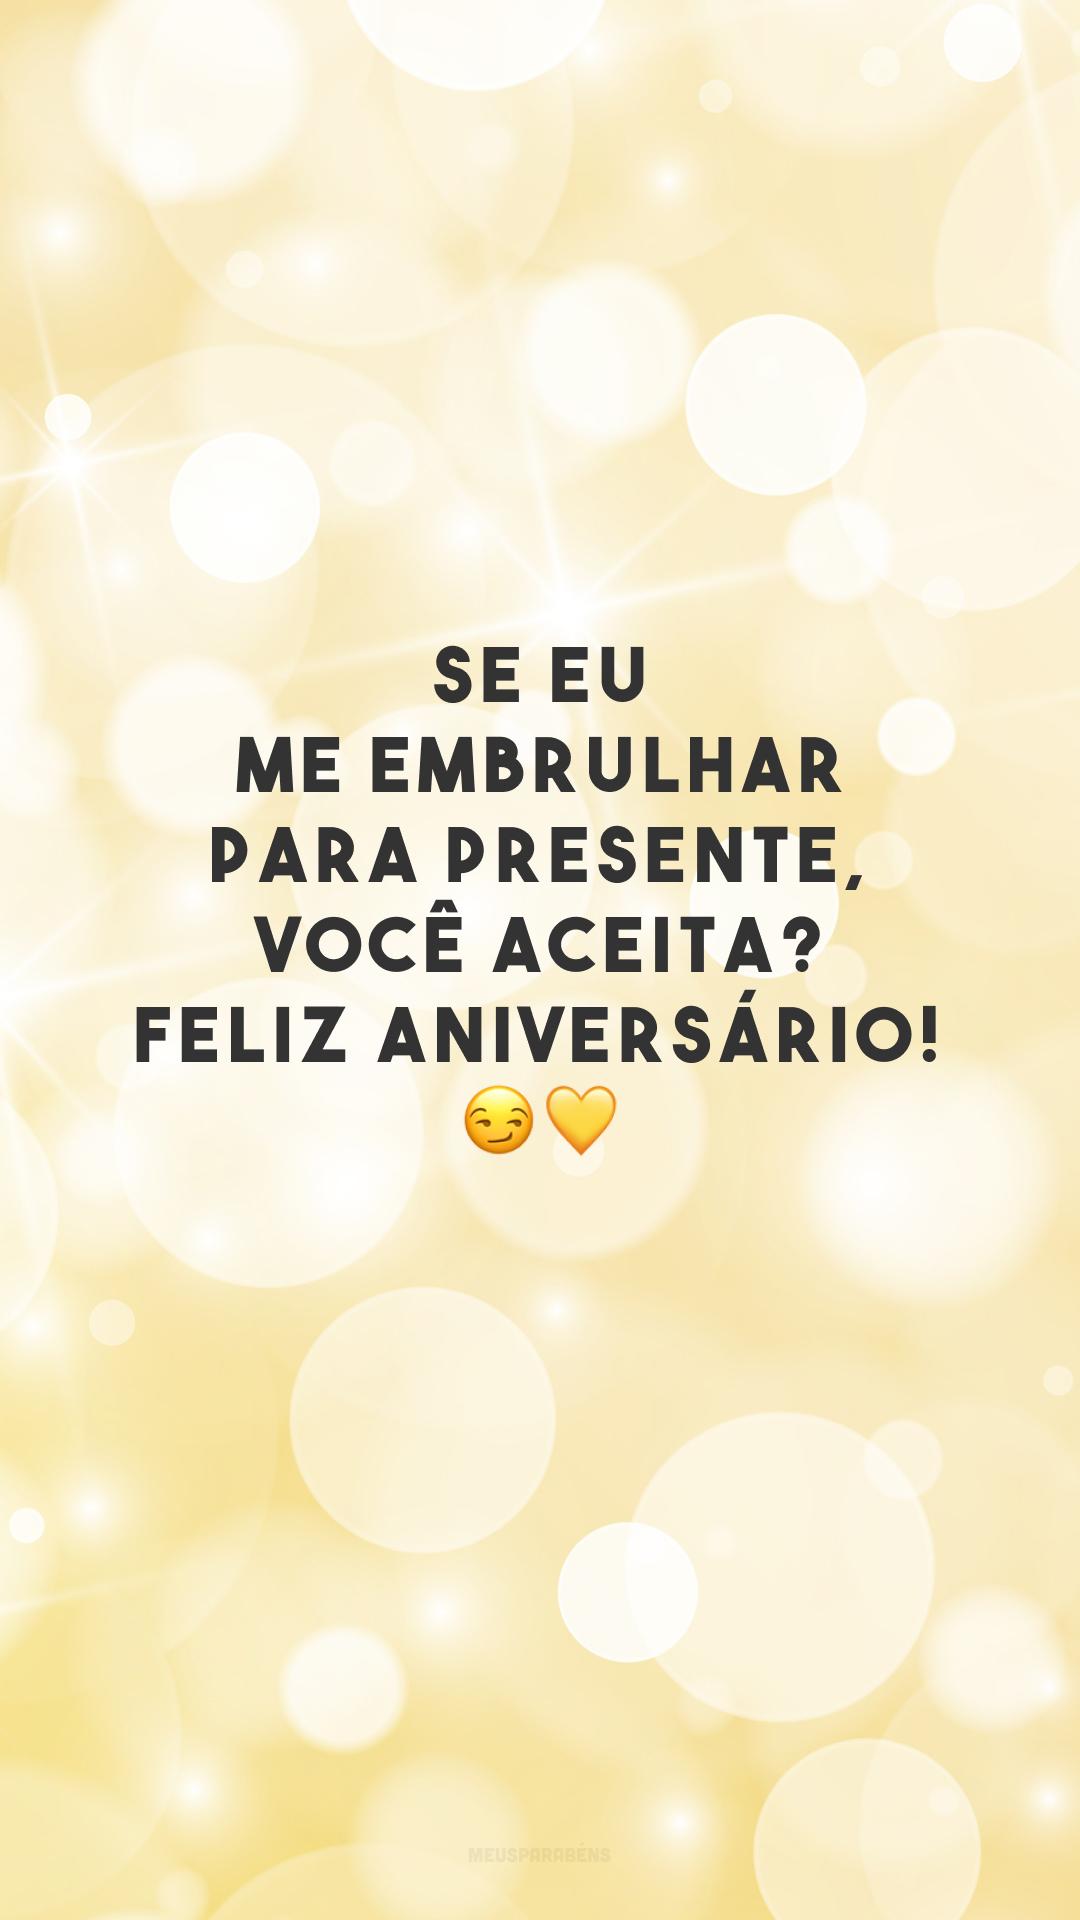 Se eu me embrulhar para presente, você aceita? Feliz aniversário! 😏💛